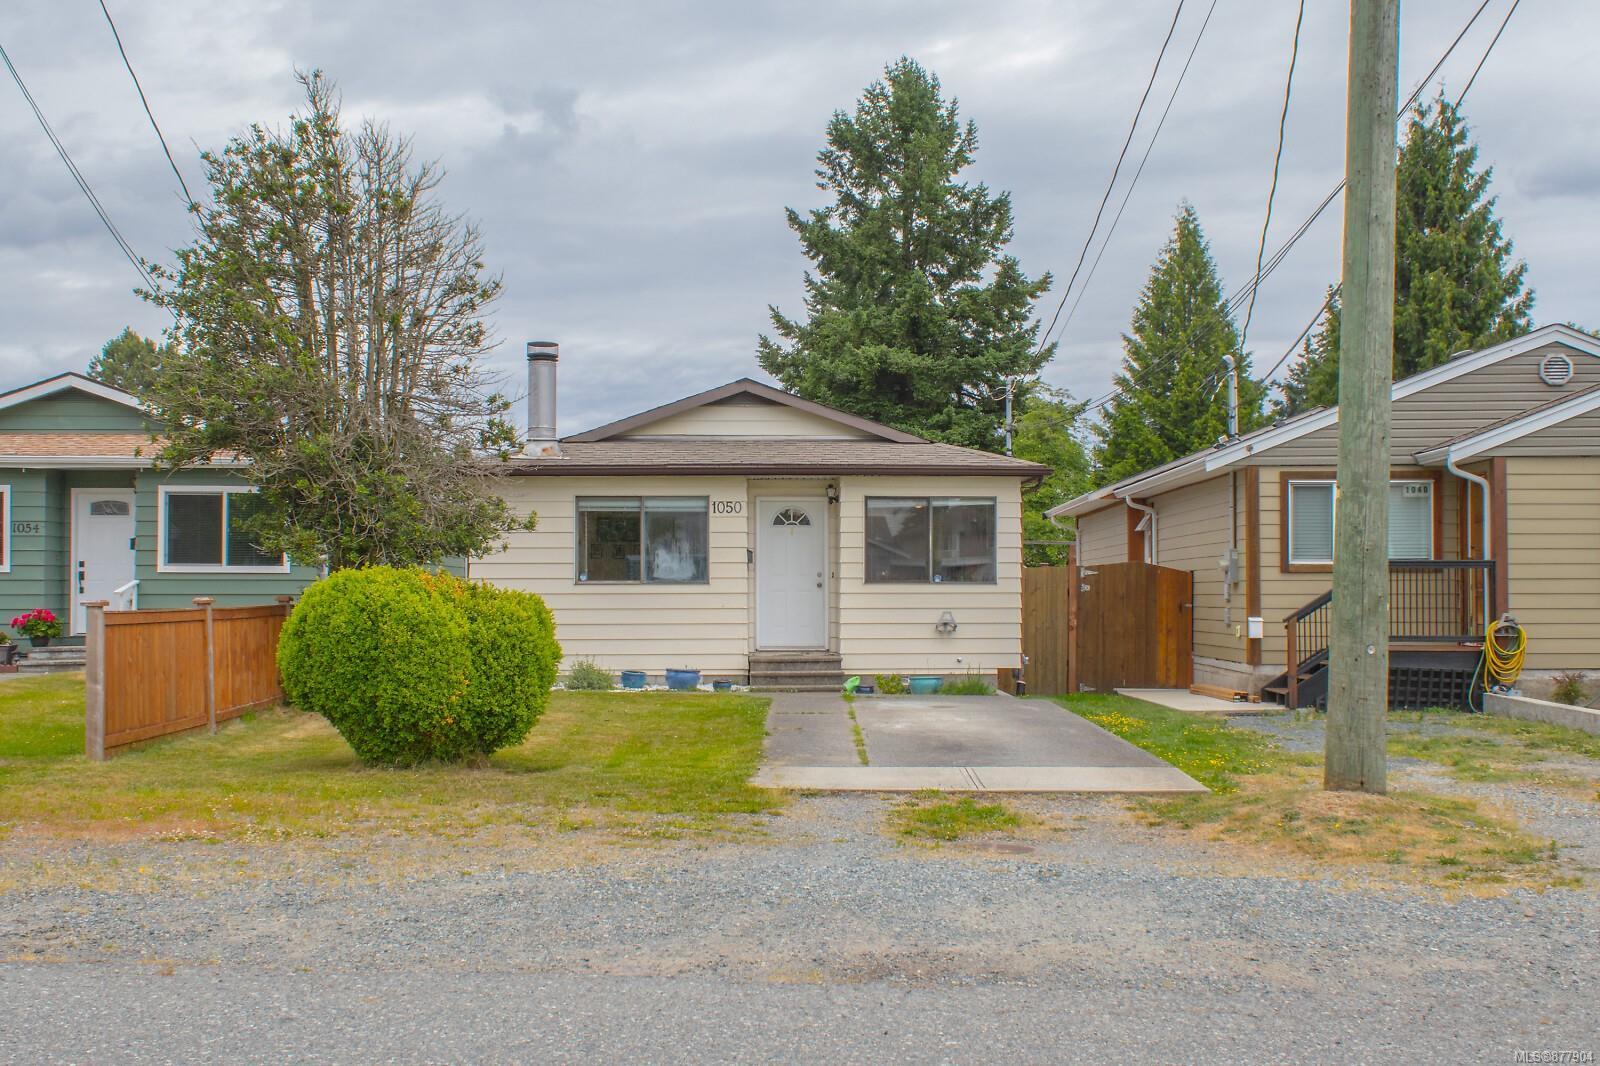 1050 St. David Crescent, Central Nanaimo, Nanaimo photo number 2